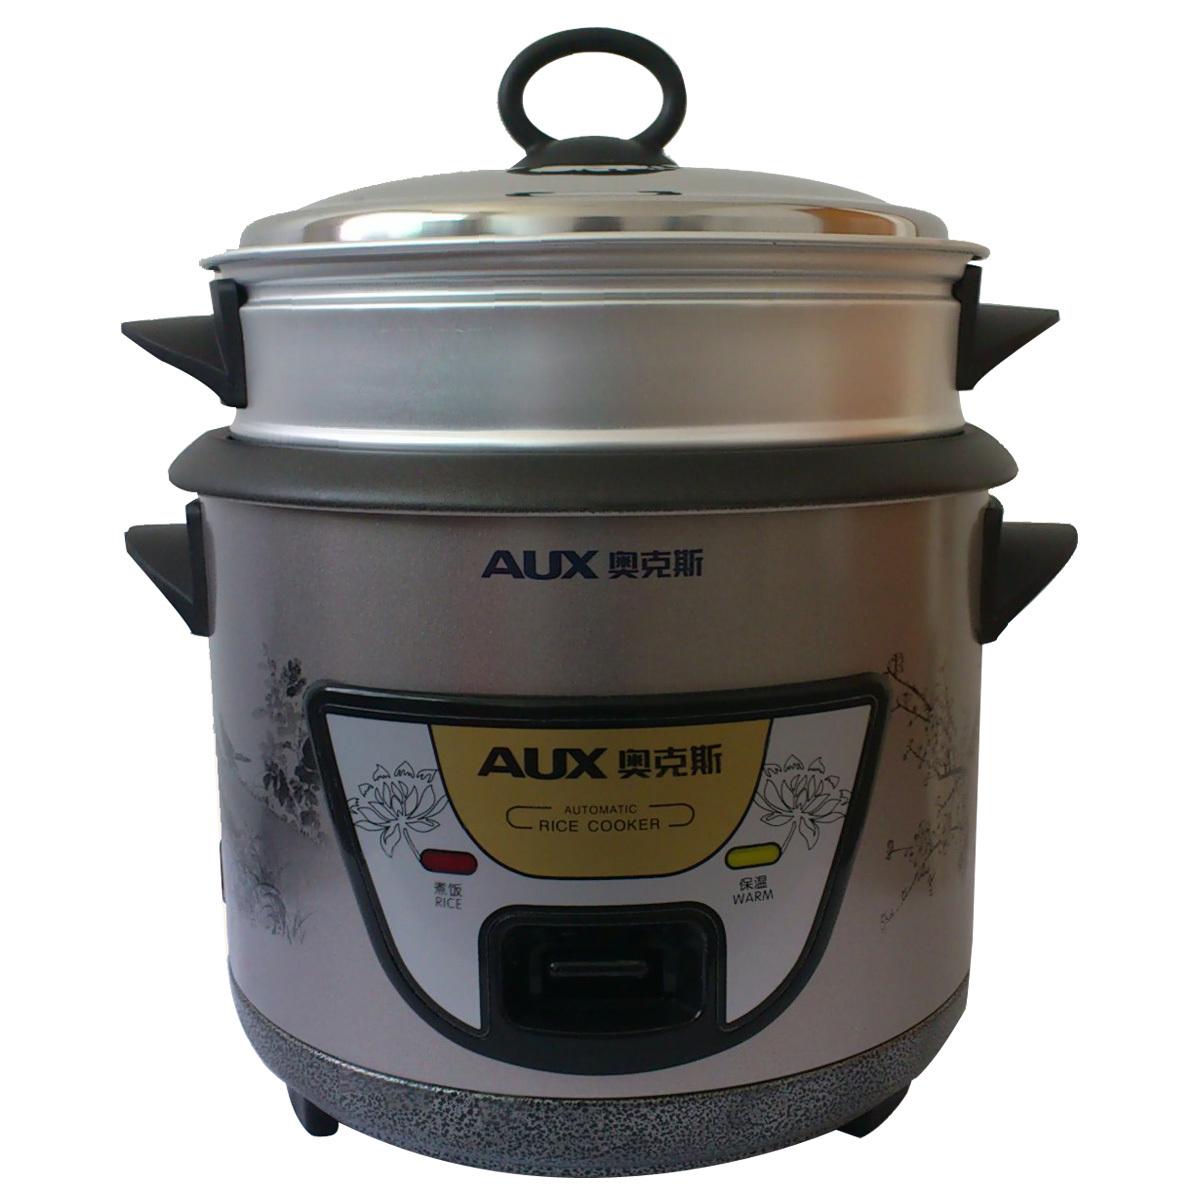 AUX/奥克斯 CFXB50-5M电饭煲质量怎么样